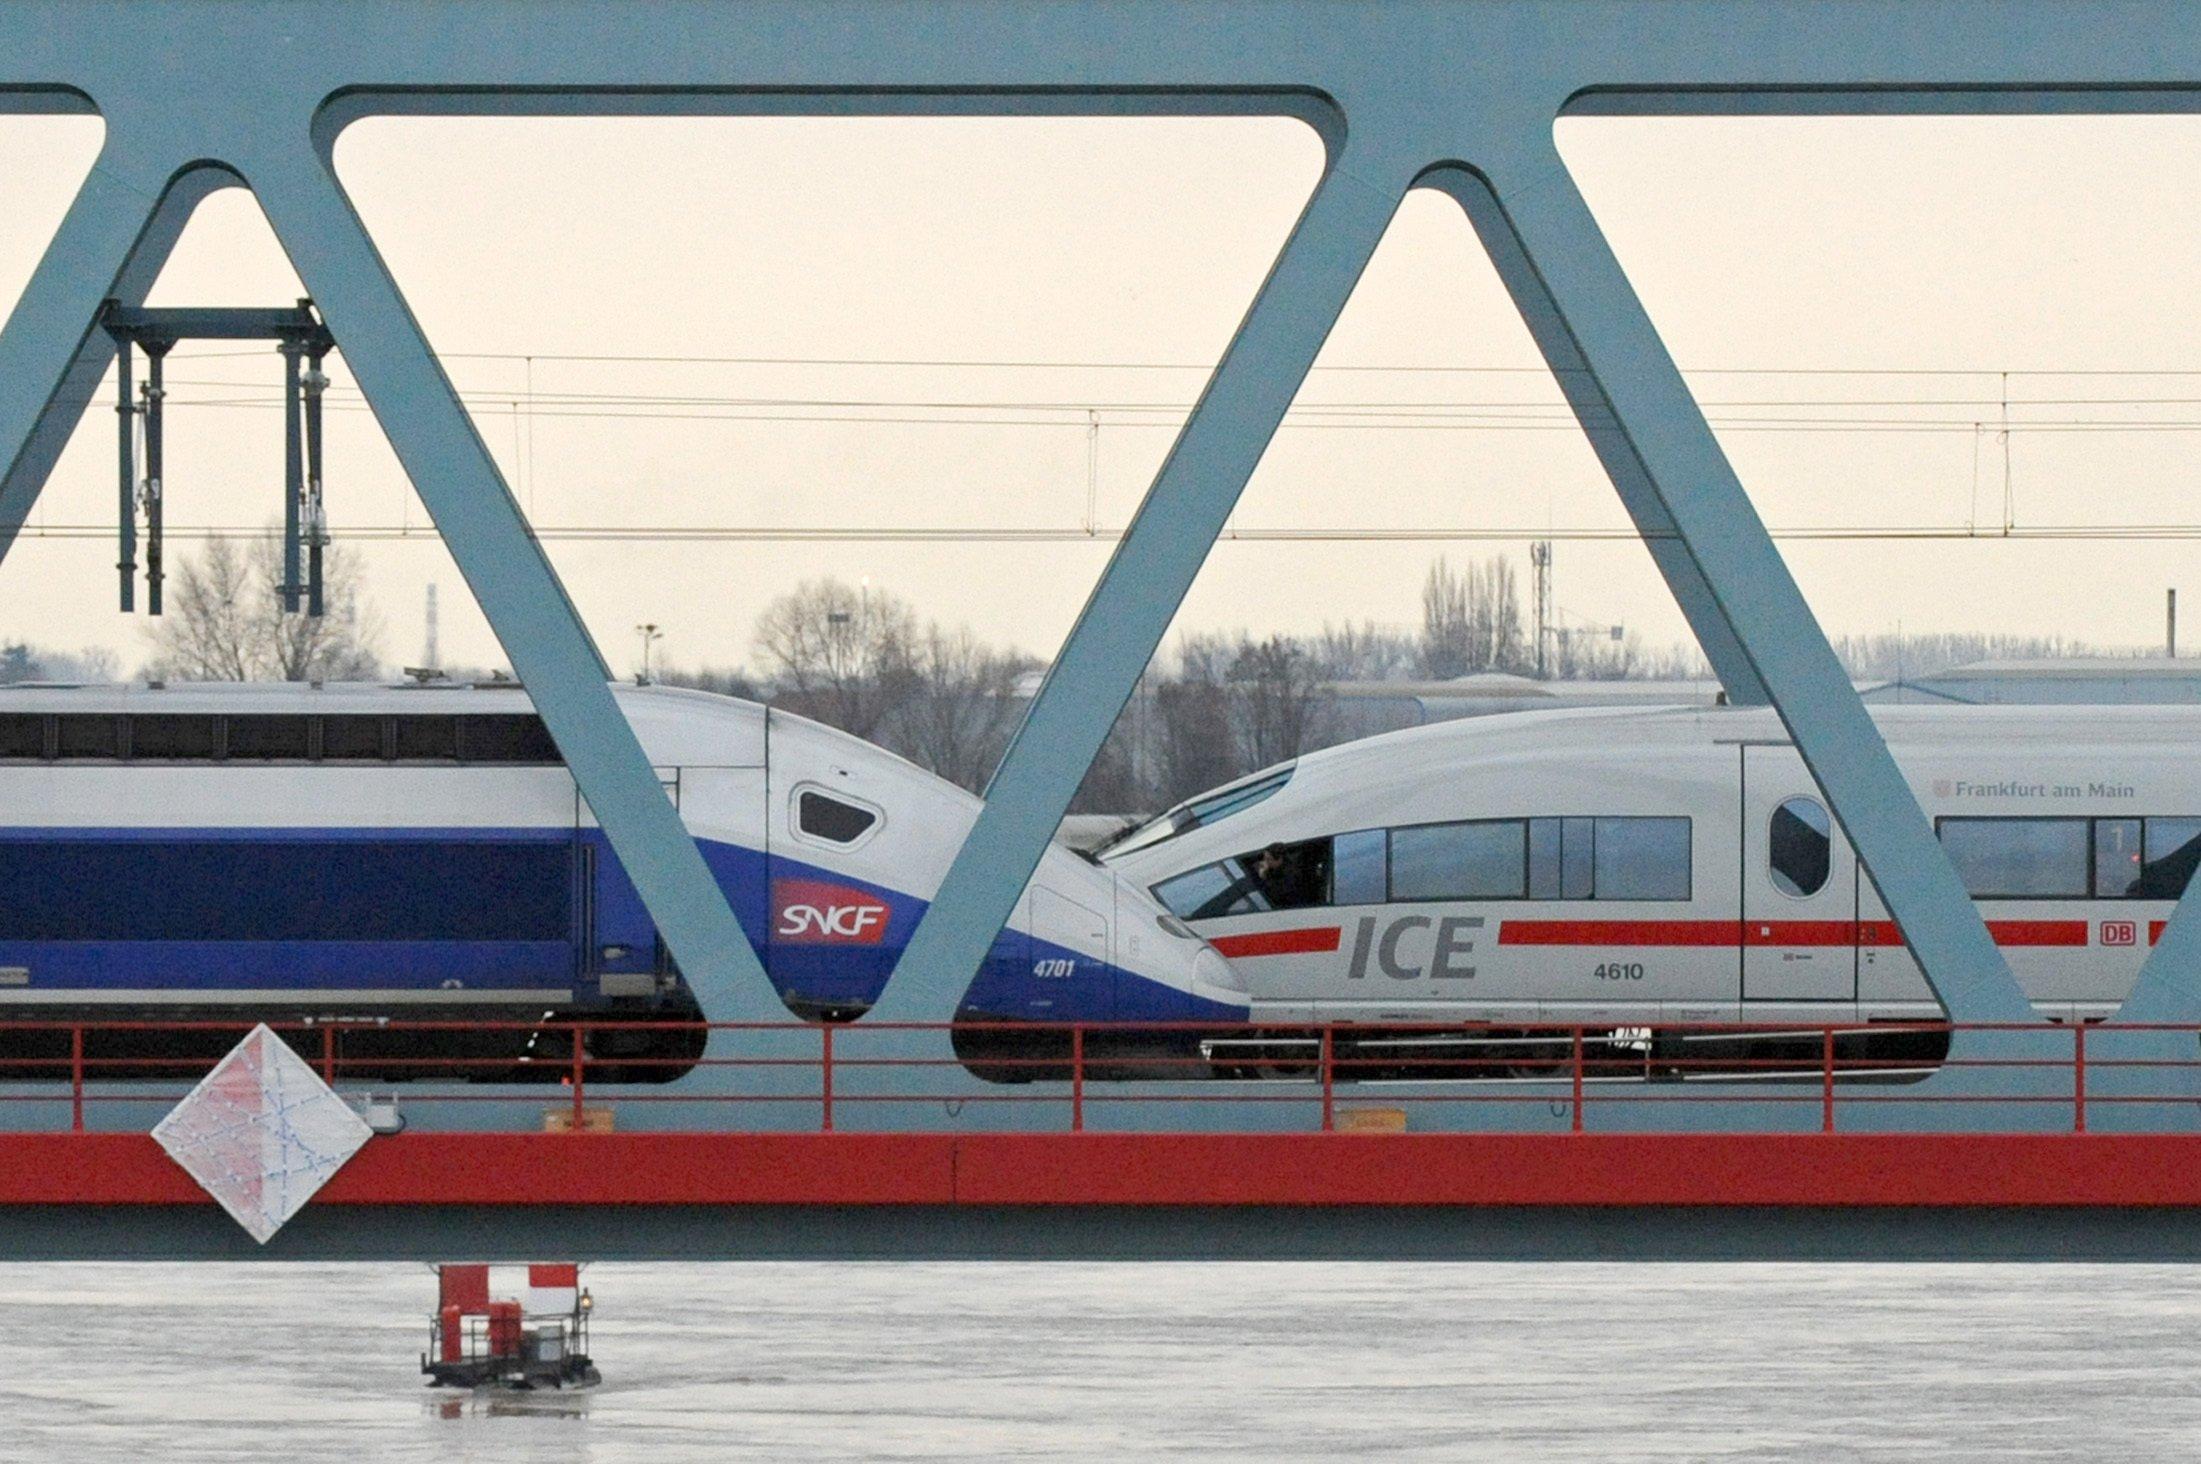 TGV und ICE: Die Zughersteller Siemens und Alstom müssen aufpassen, dass ihnen China künftig nicht davonfährt.